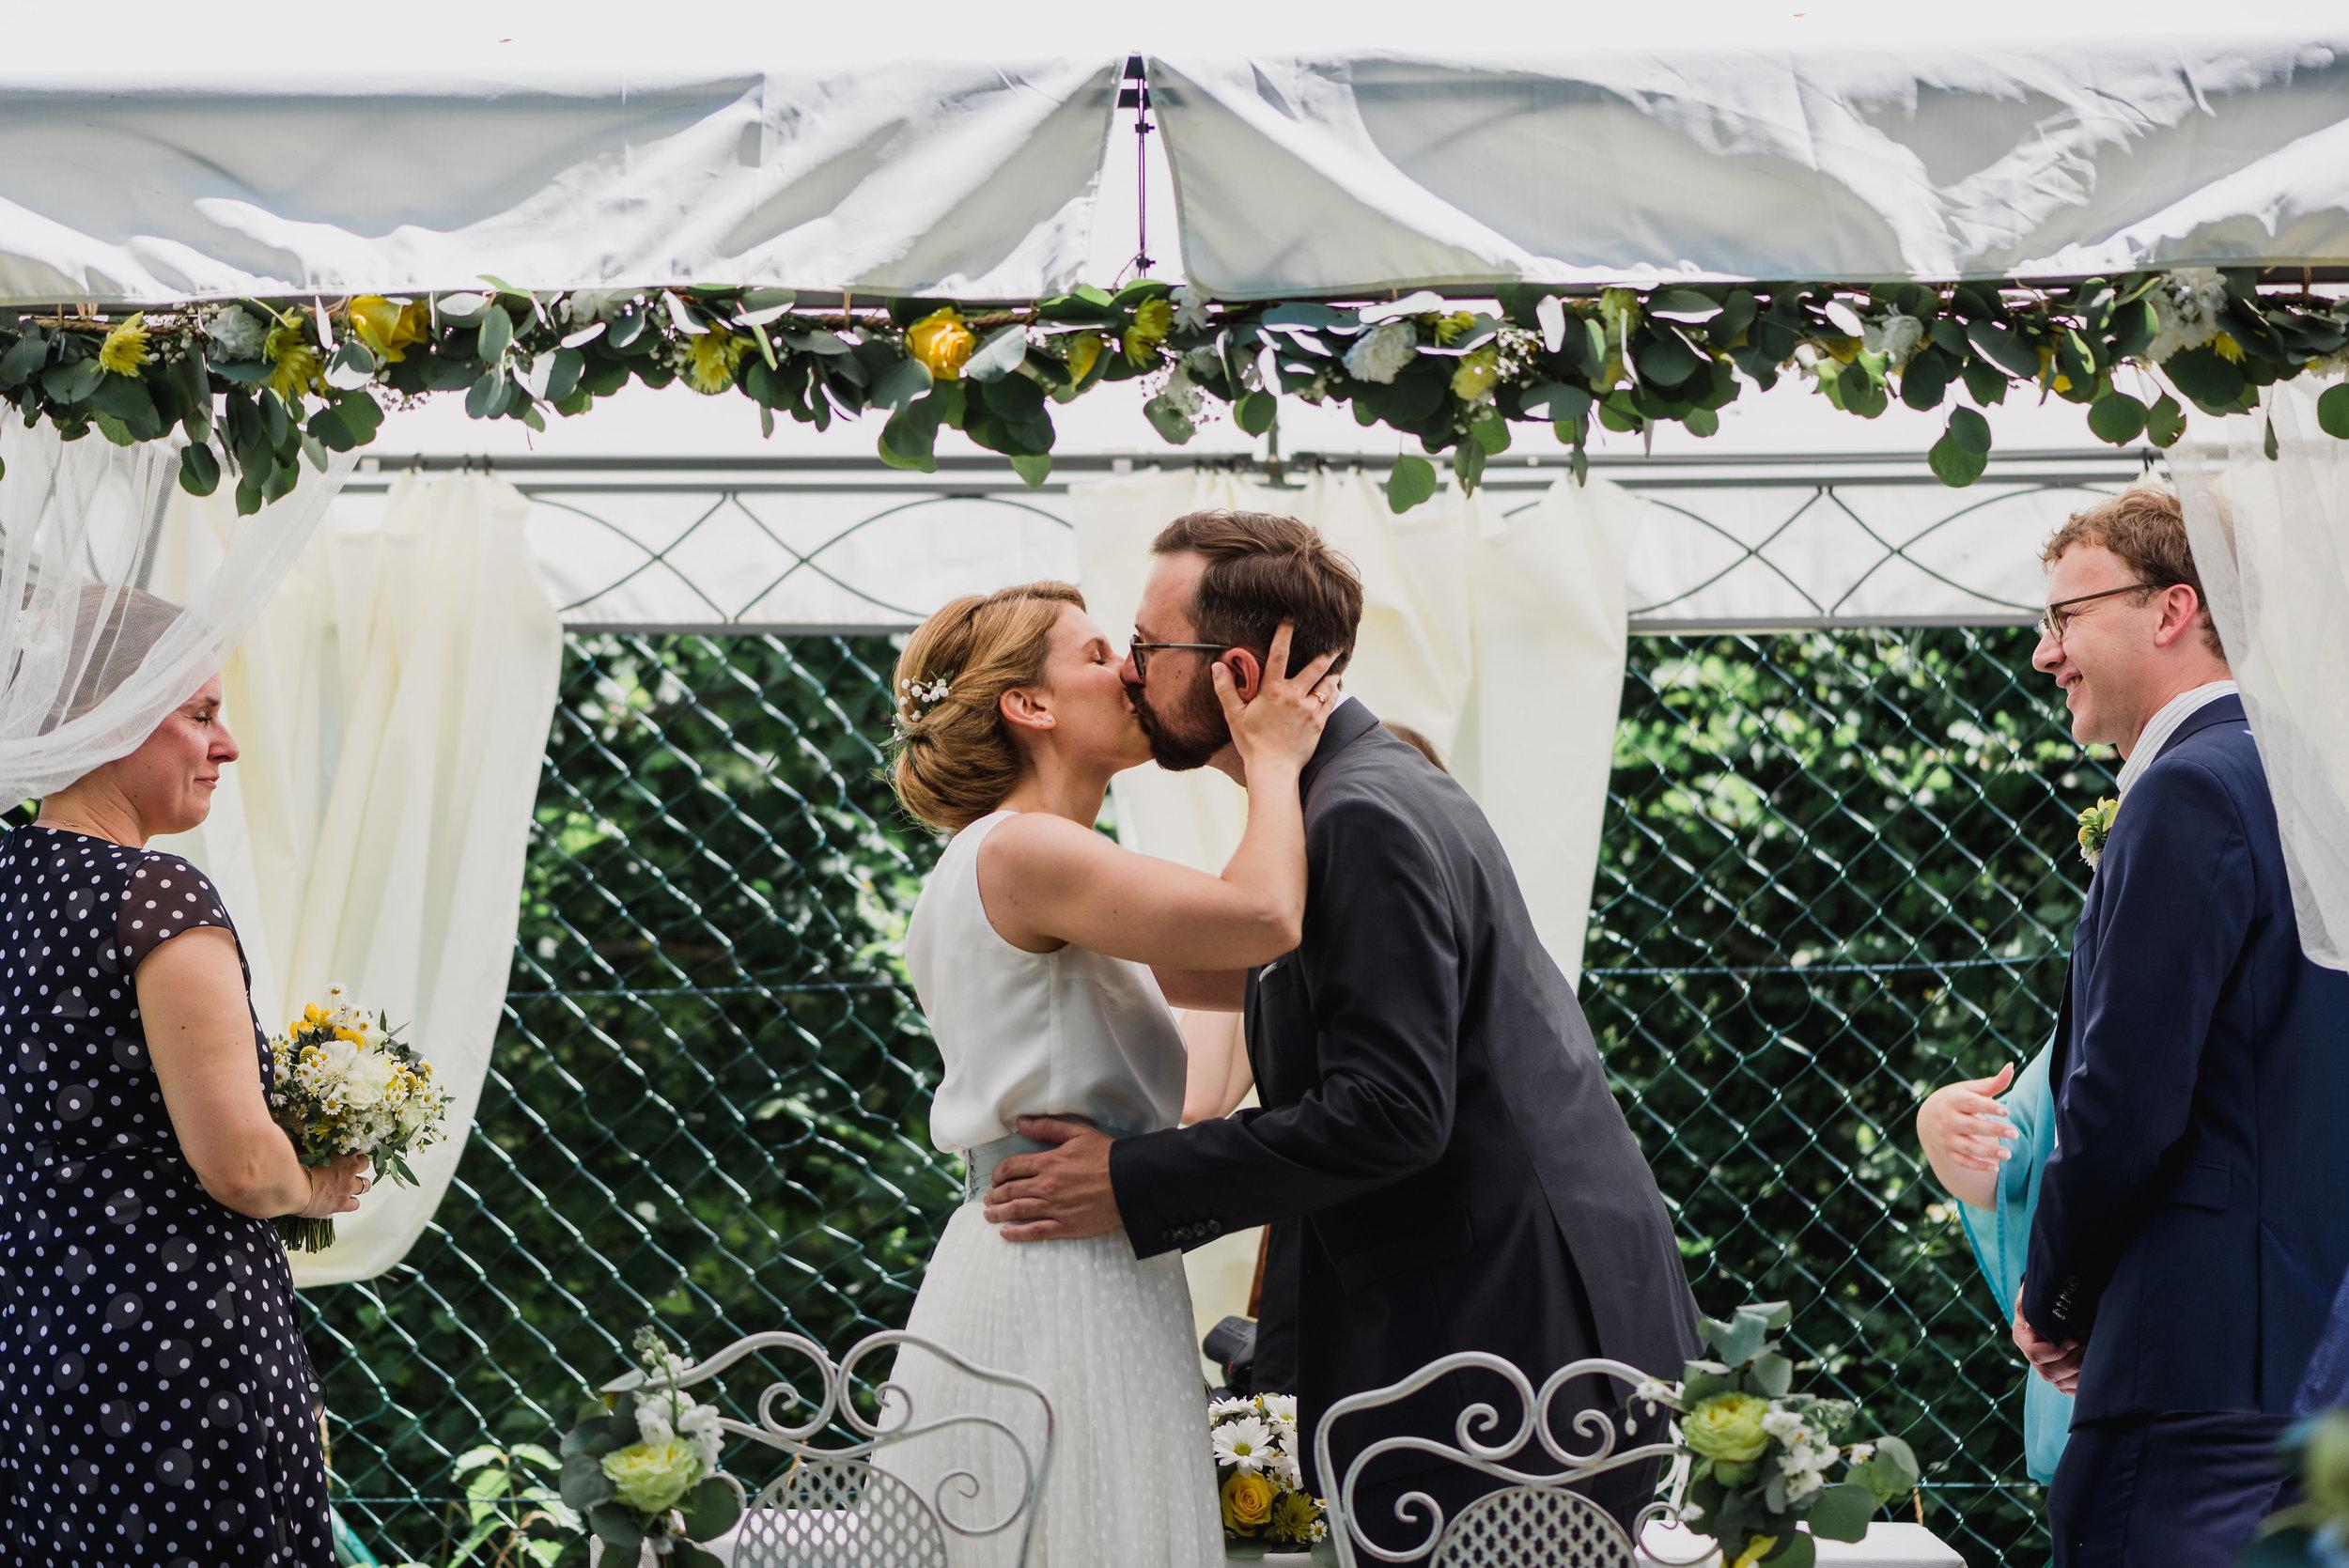 belle&sass_Hochzeit Jausenstation_0047.jpg